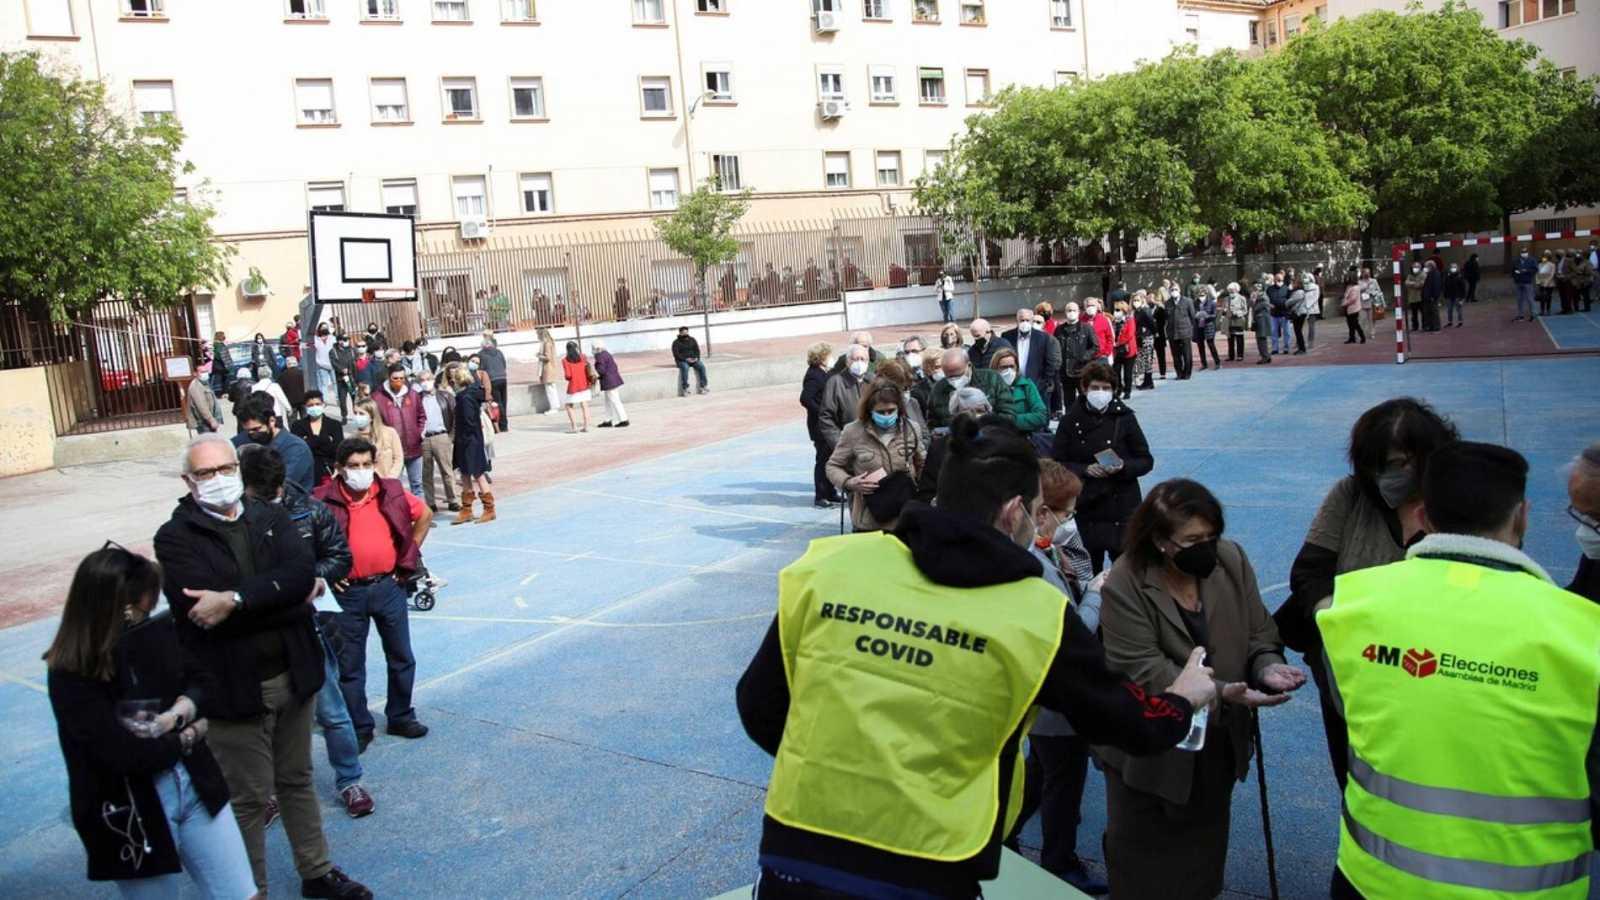 Largas colas en los colegios electorales para votar a primera hora de la mañana